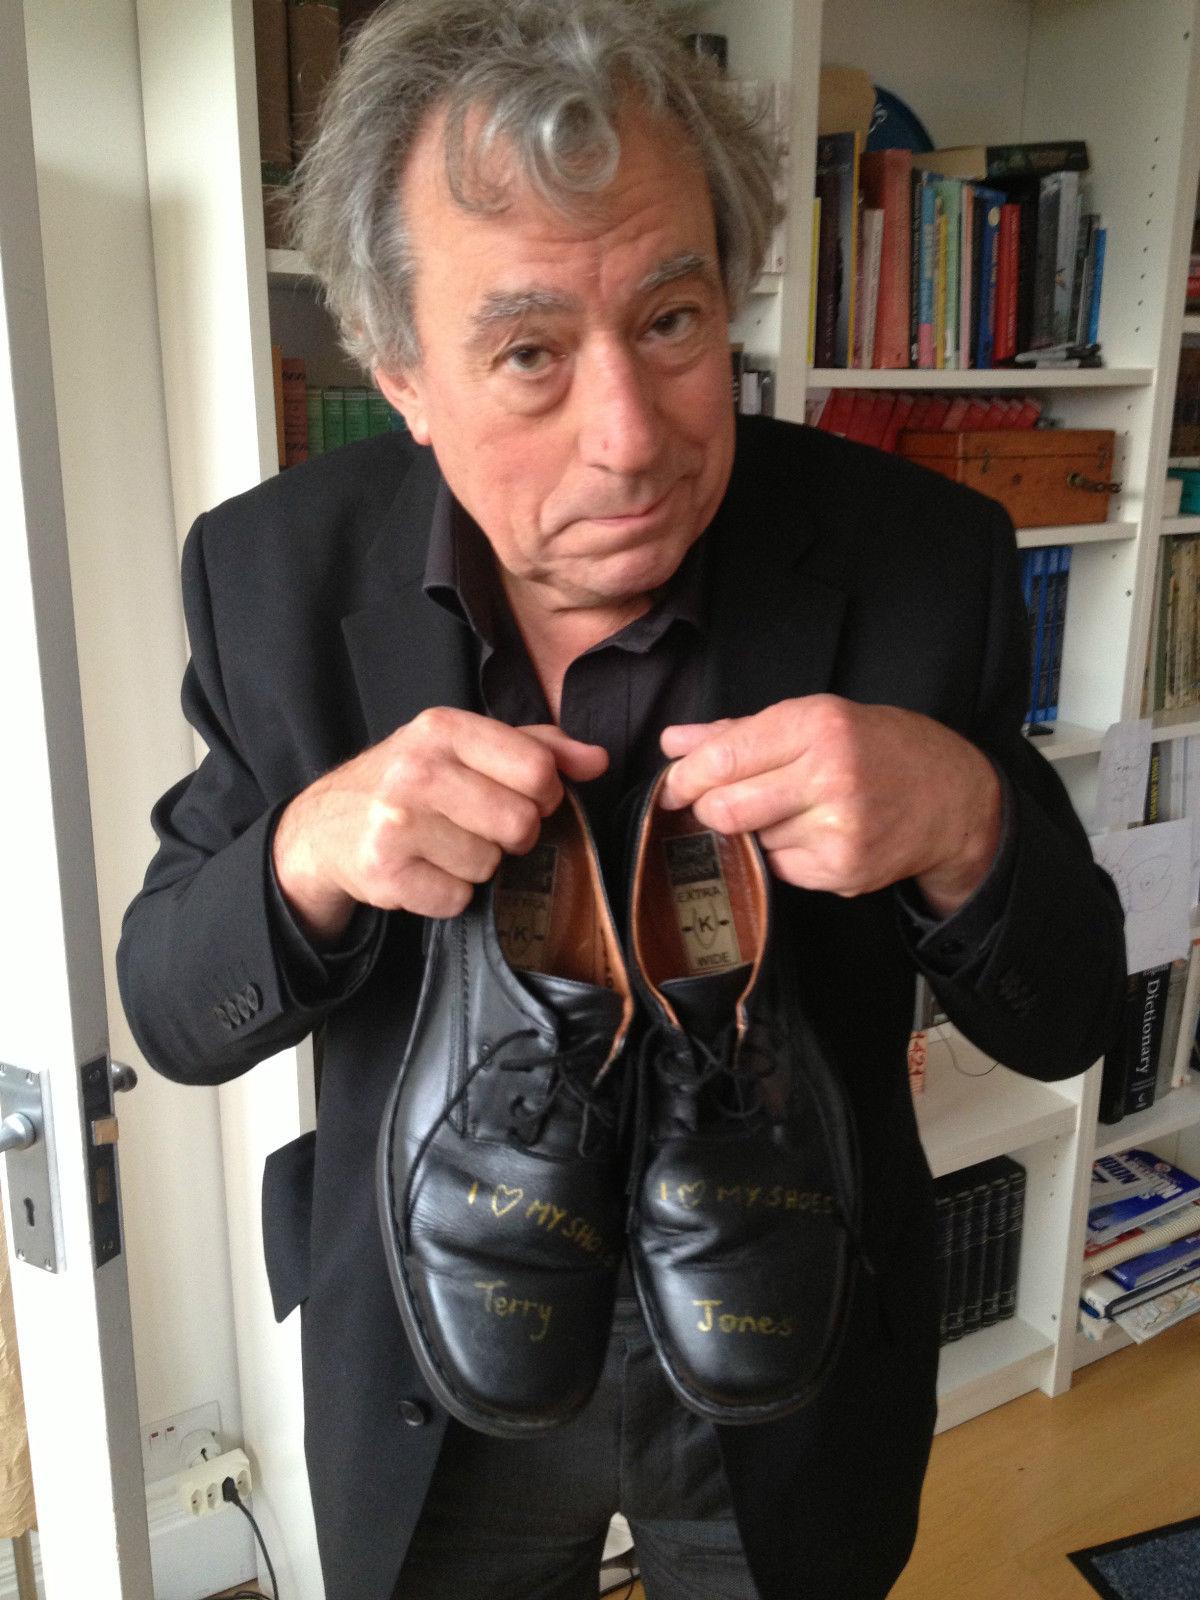 Jones sales his boots